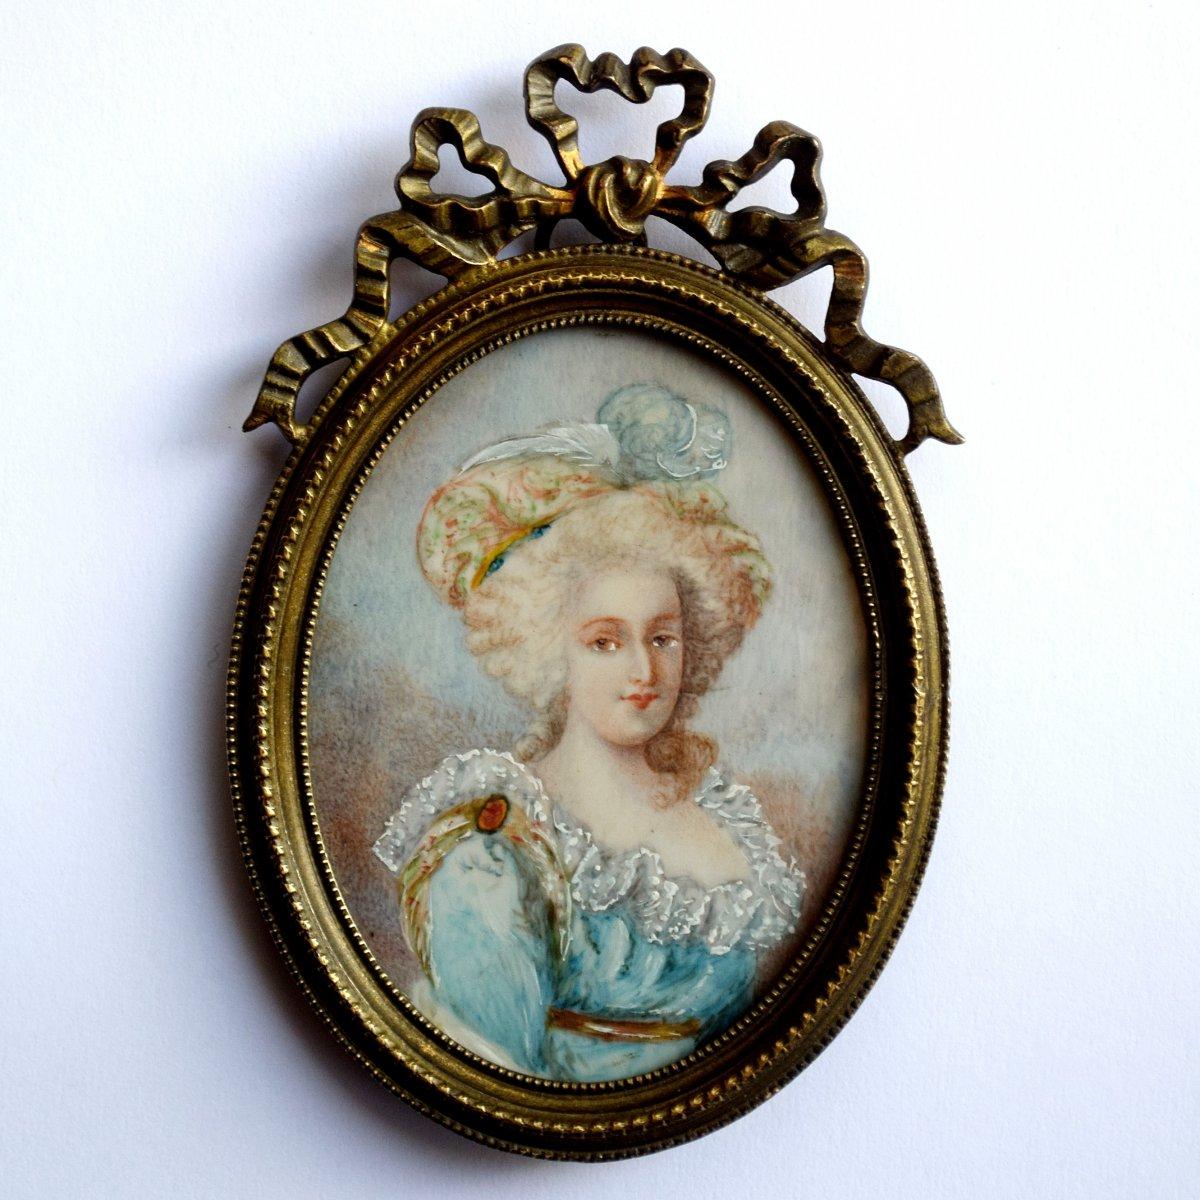 Miniature sur ivoire Marie-Antoinette d'Autriche